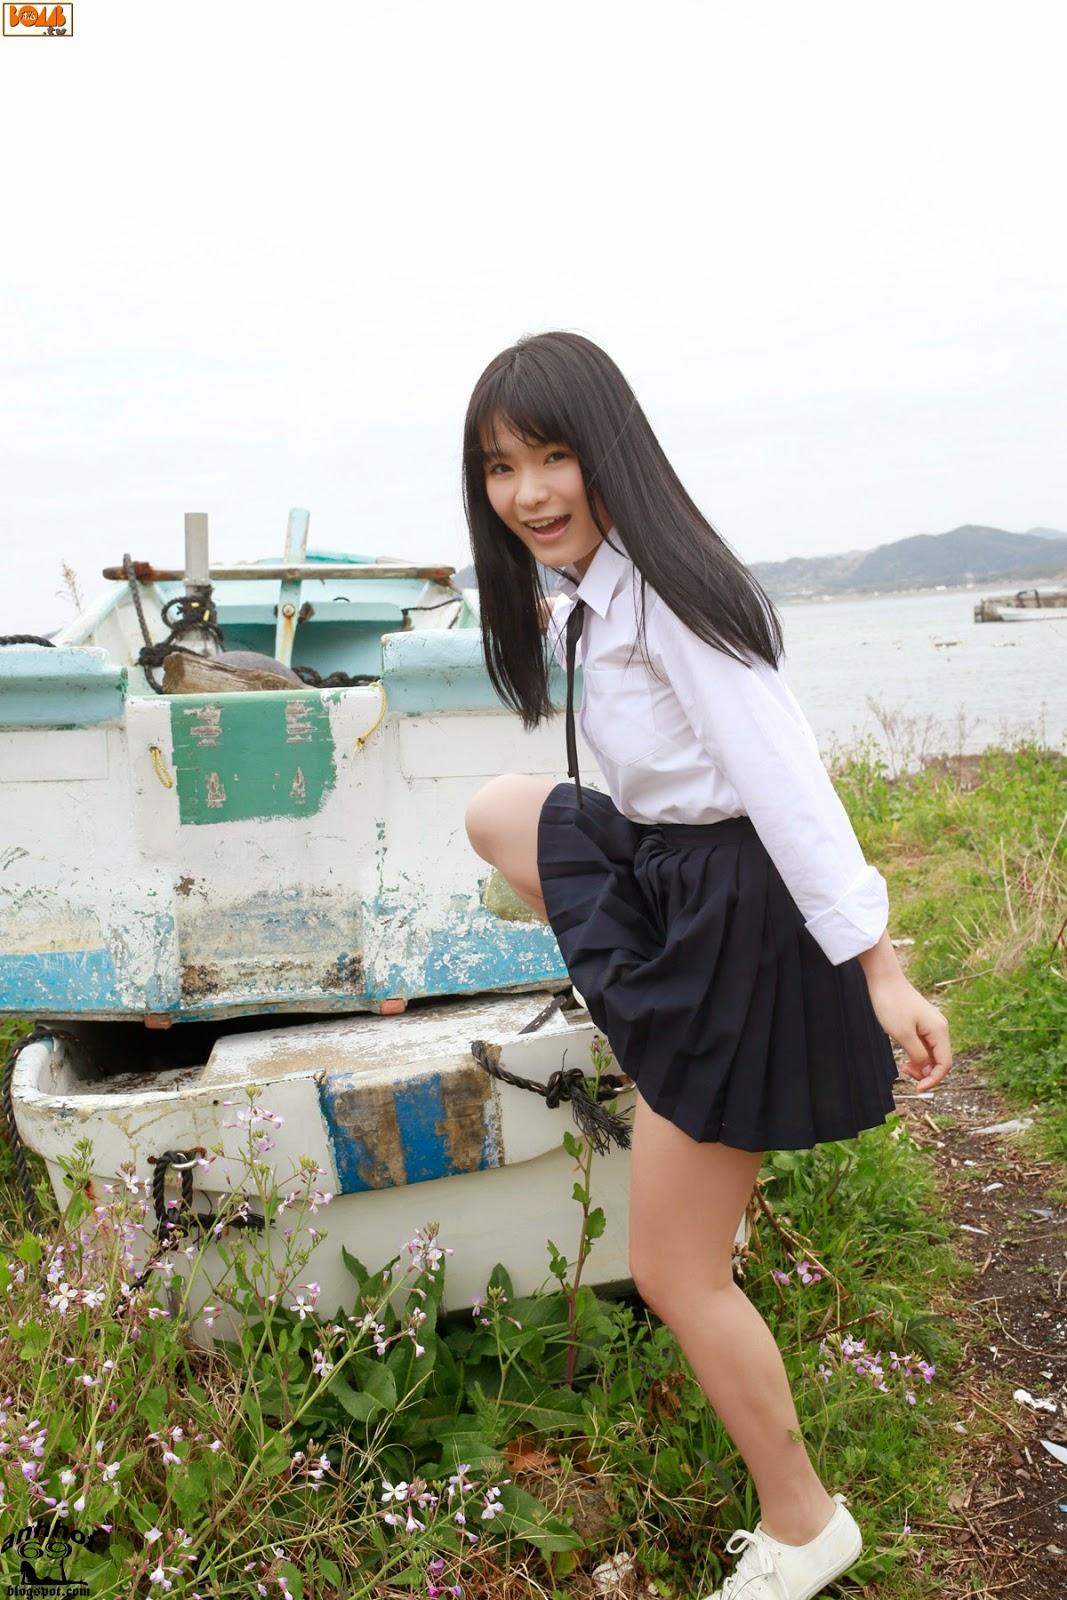 mizuki-hoshina-02127828